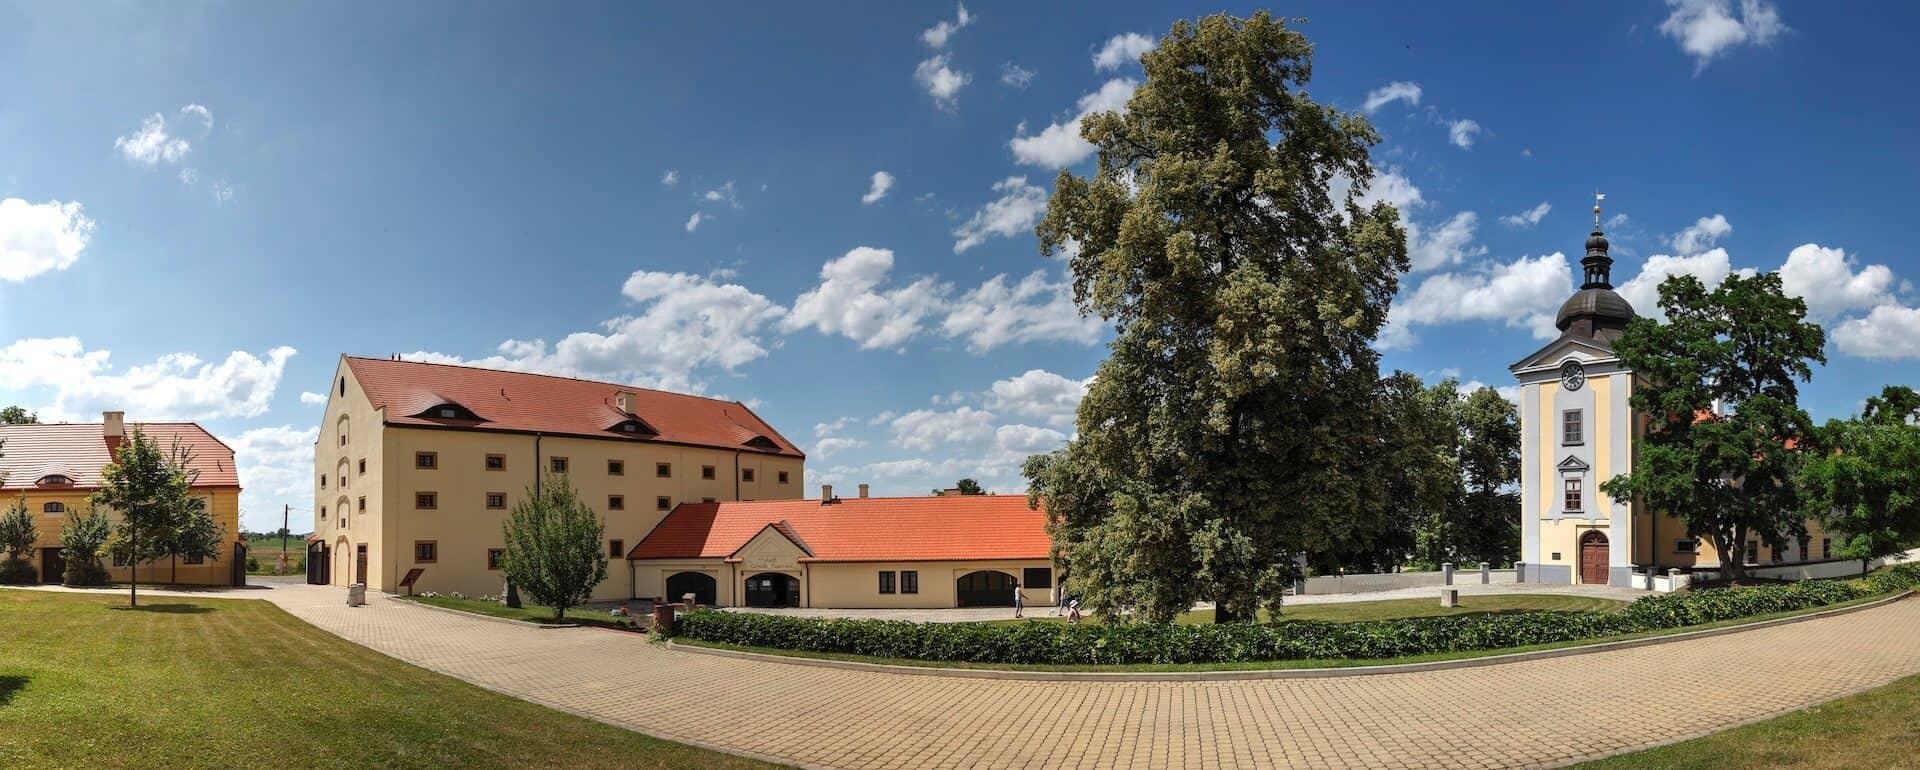 Zámecký areál Ctěnice - pohled na hotel a zámek